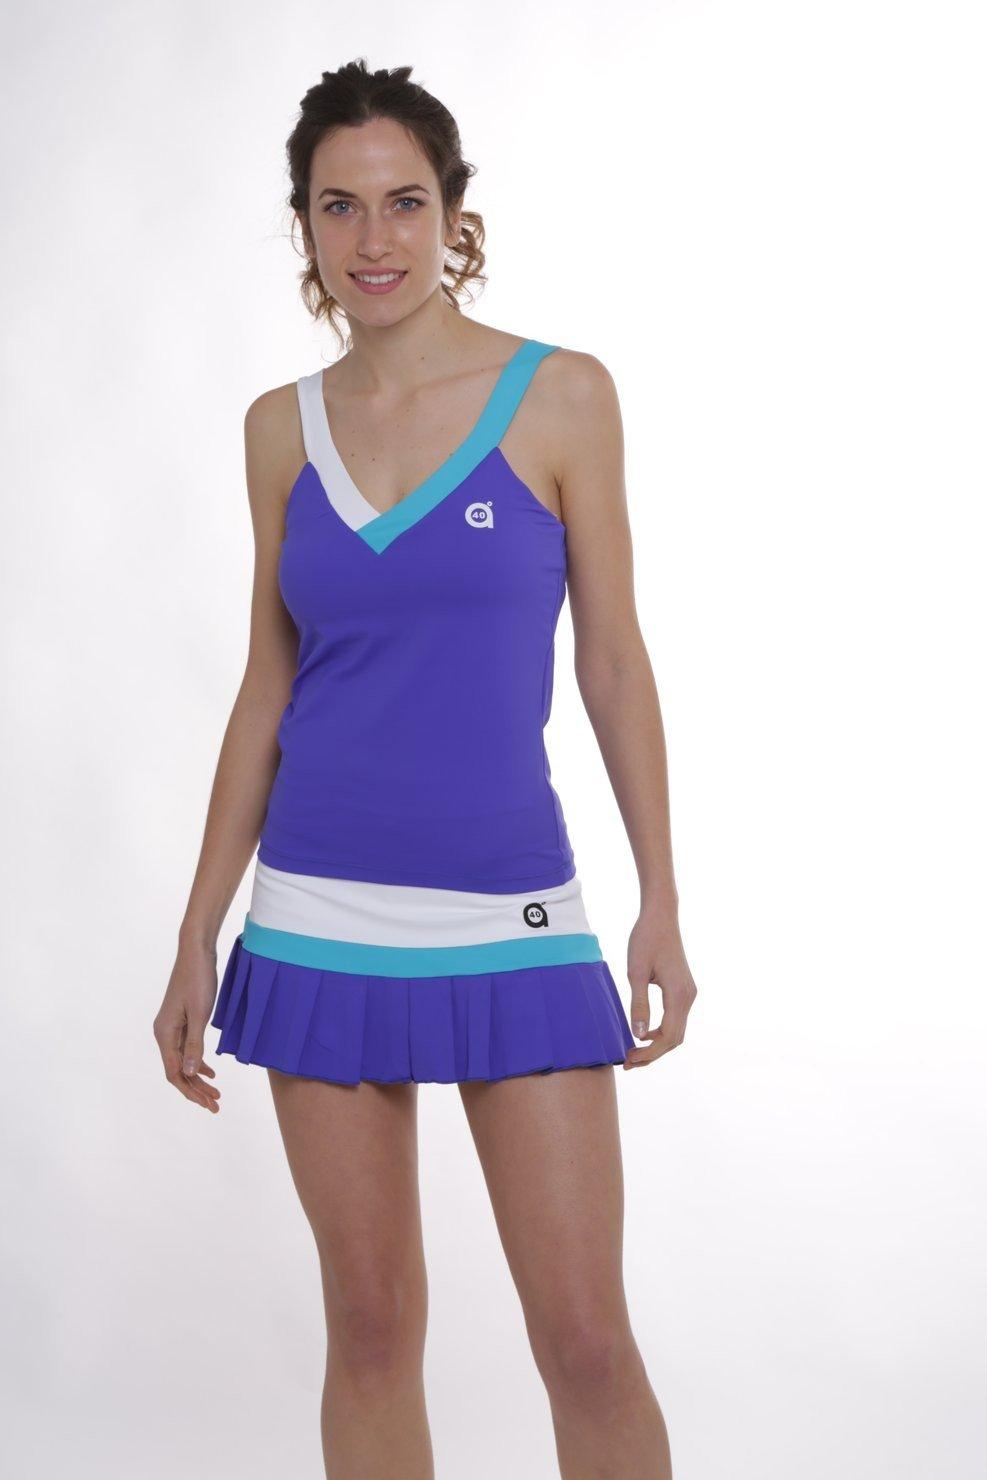 Camiseta padel mujer Cisne (Azul, L): Amazon.es: Deportes y ...